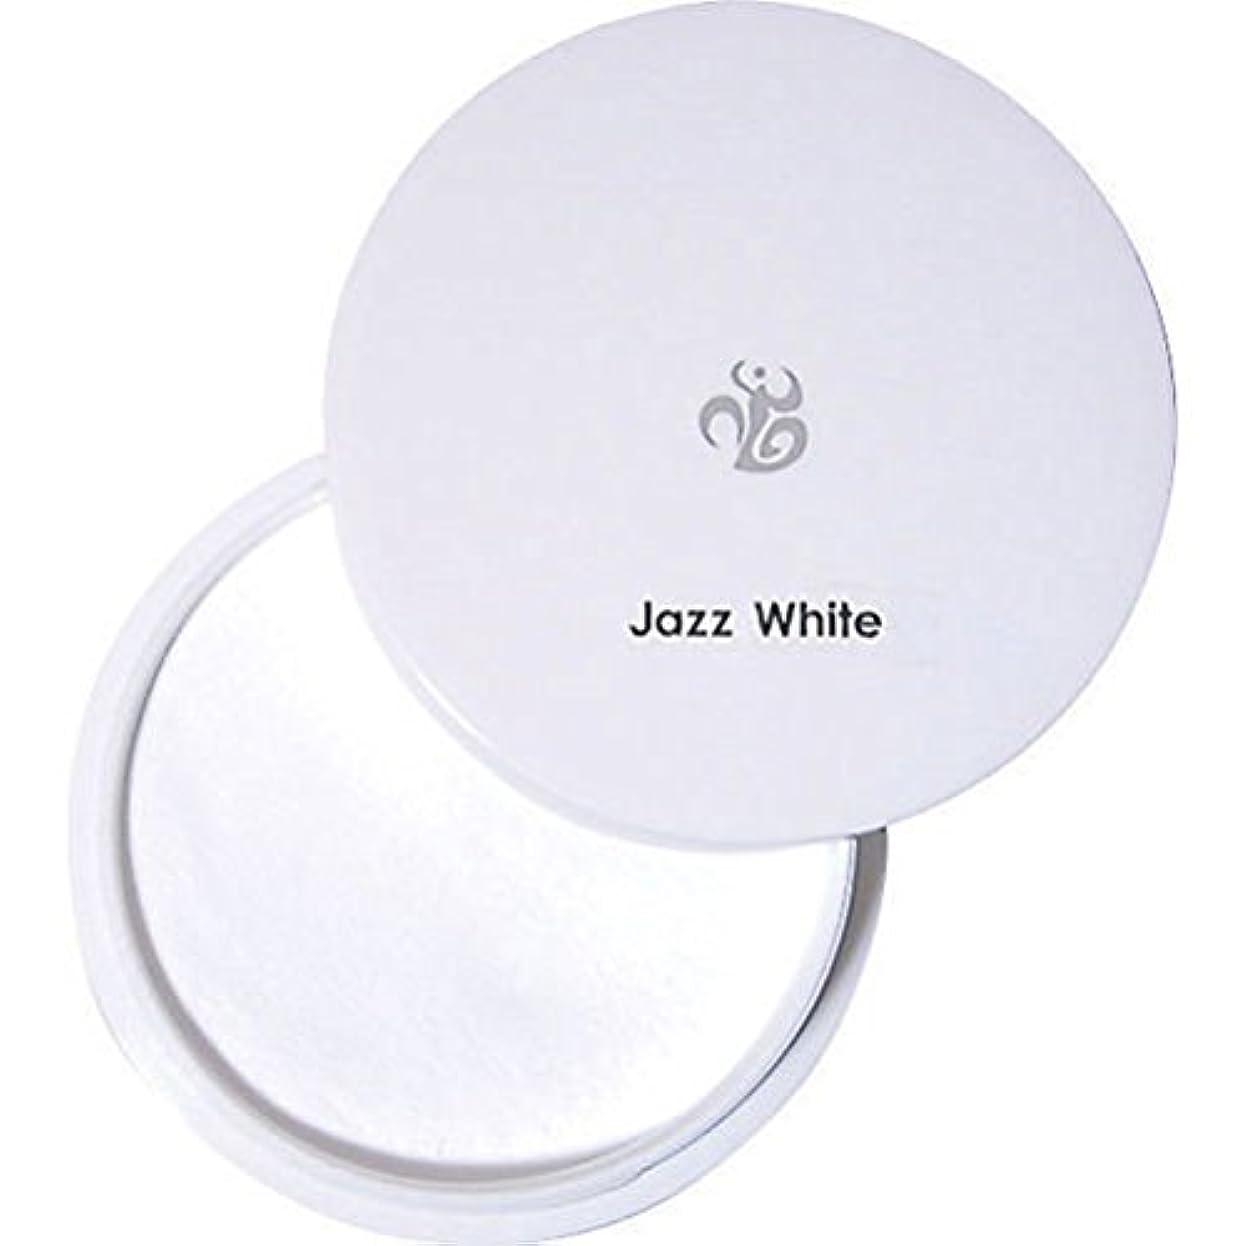 パウダー ジャズホワイト 20g